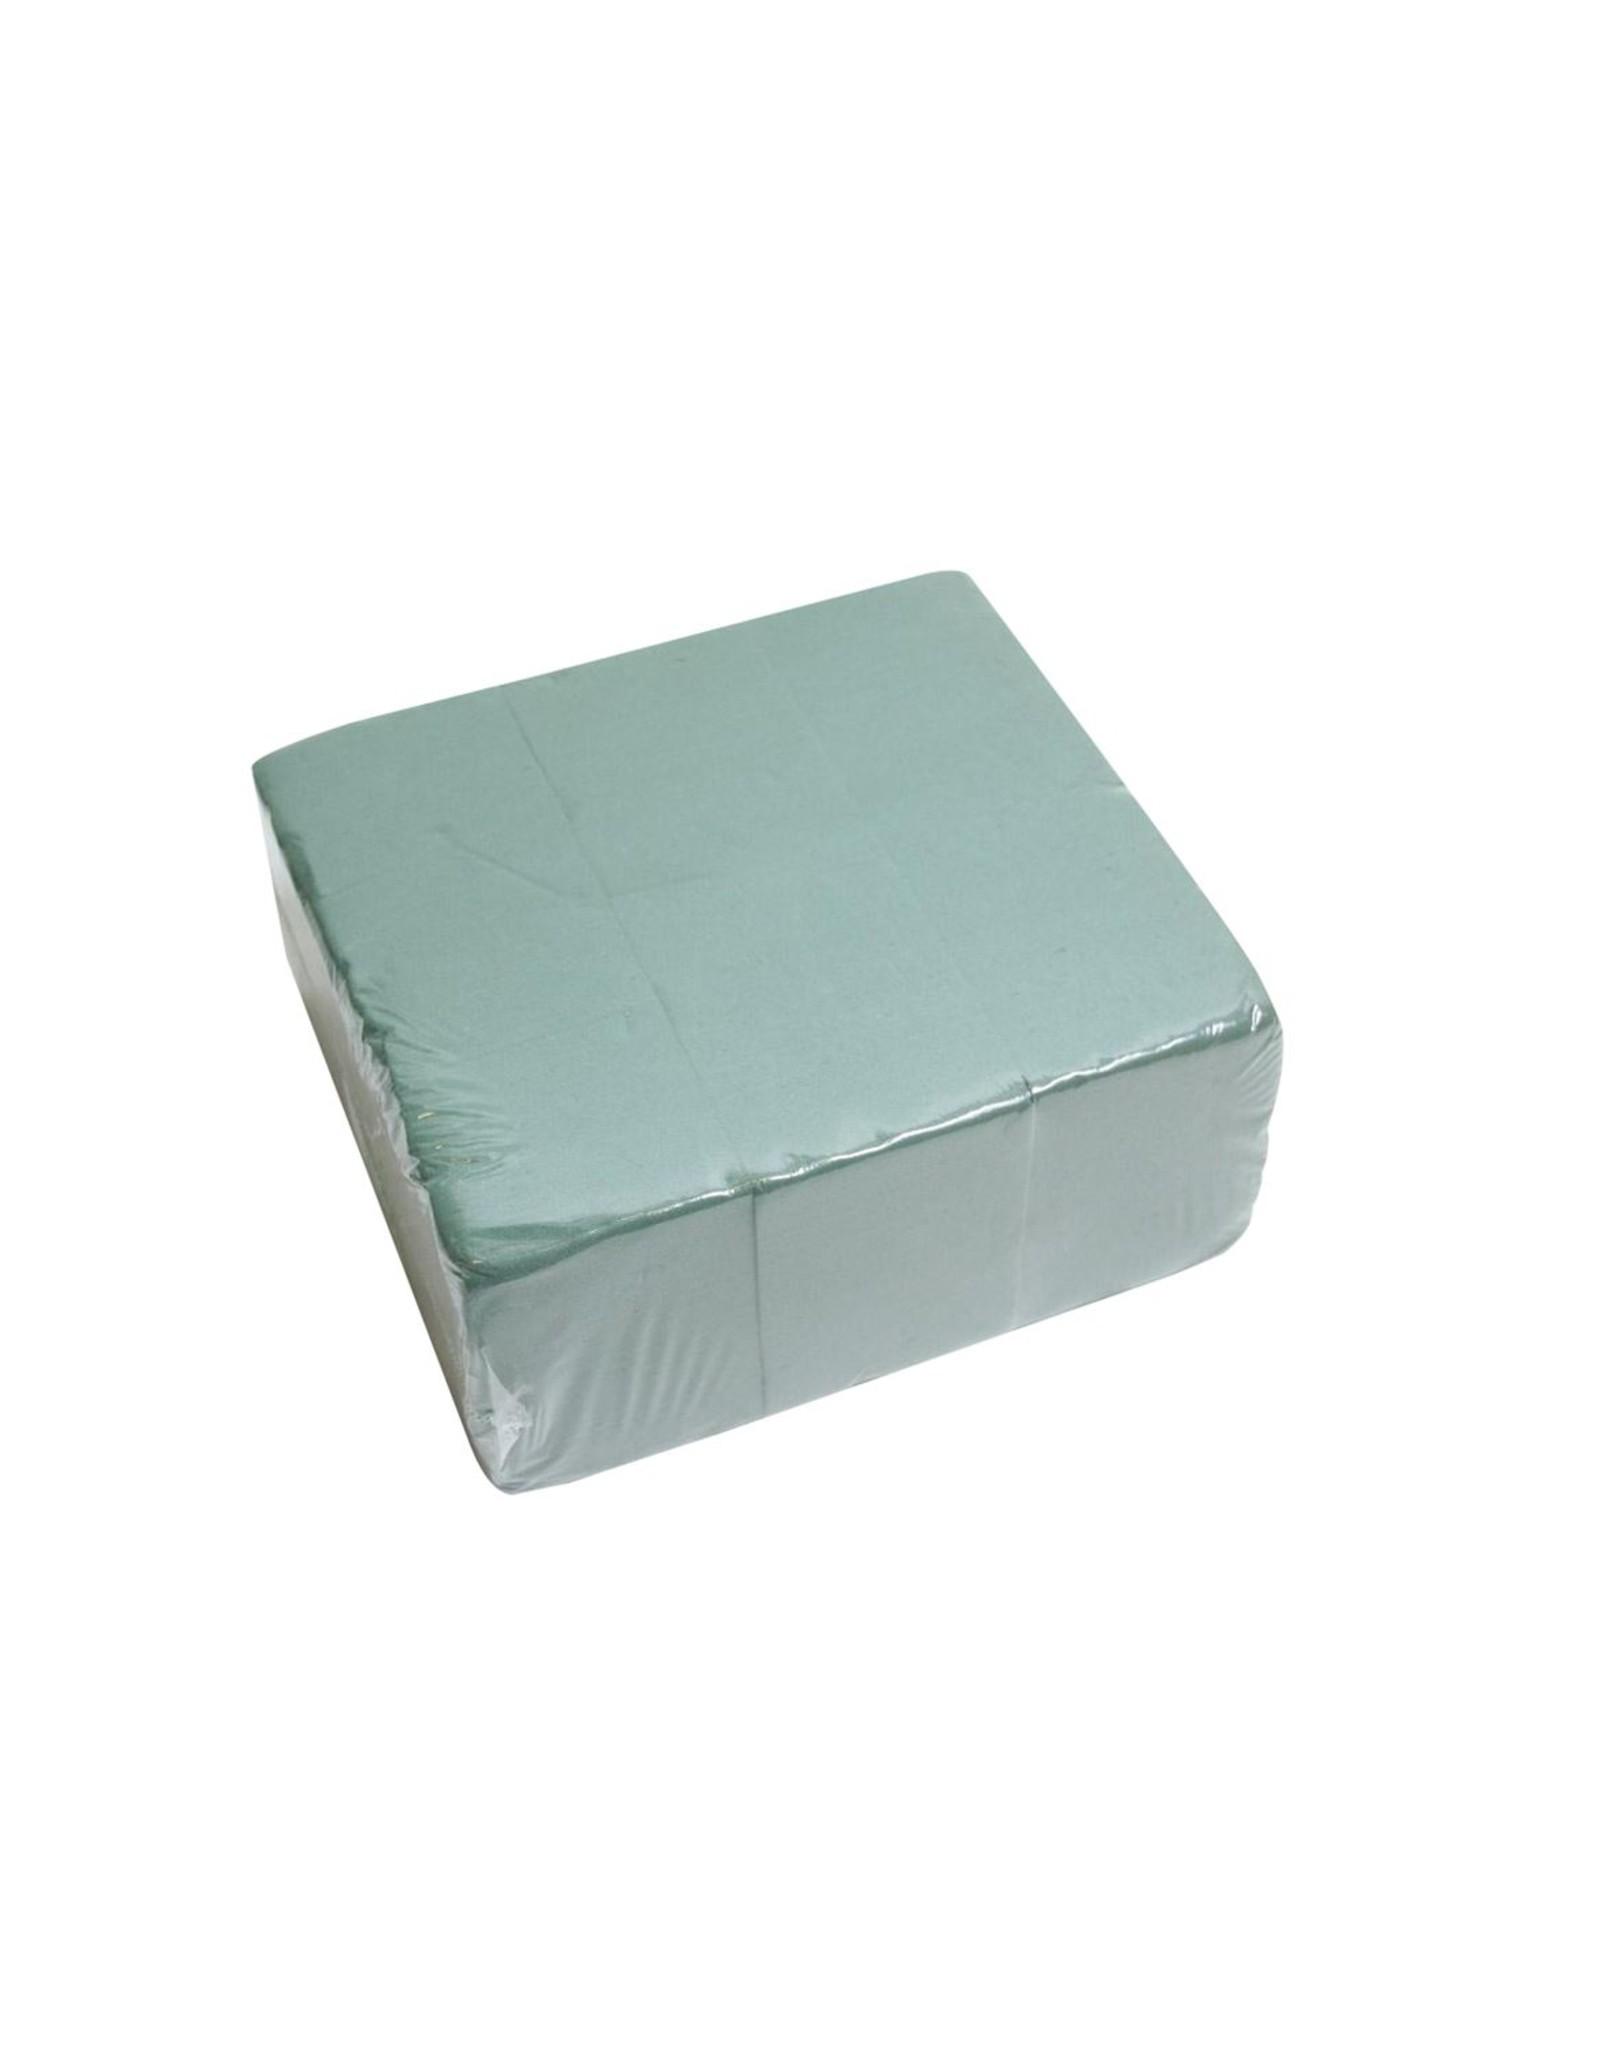 HD Basic Brick Sld Foam 3pc L20.0w10.0h7.5 x 190